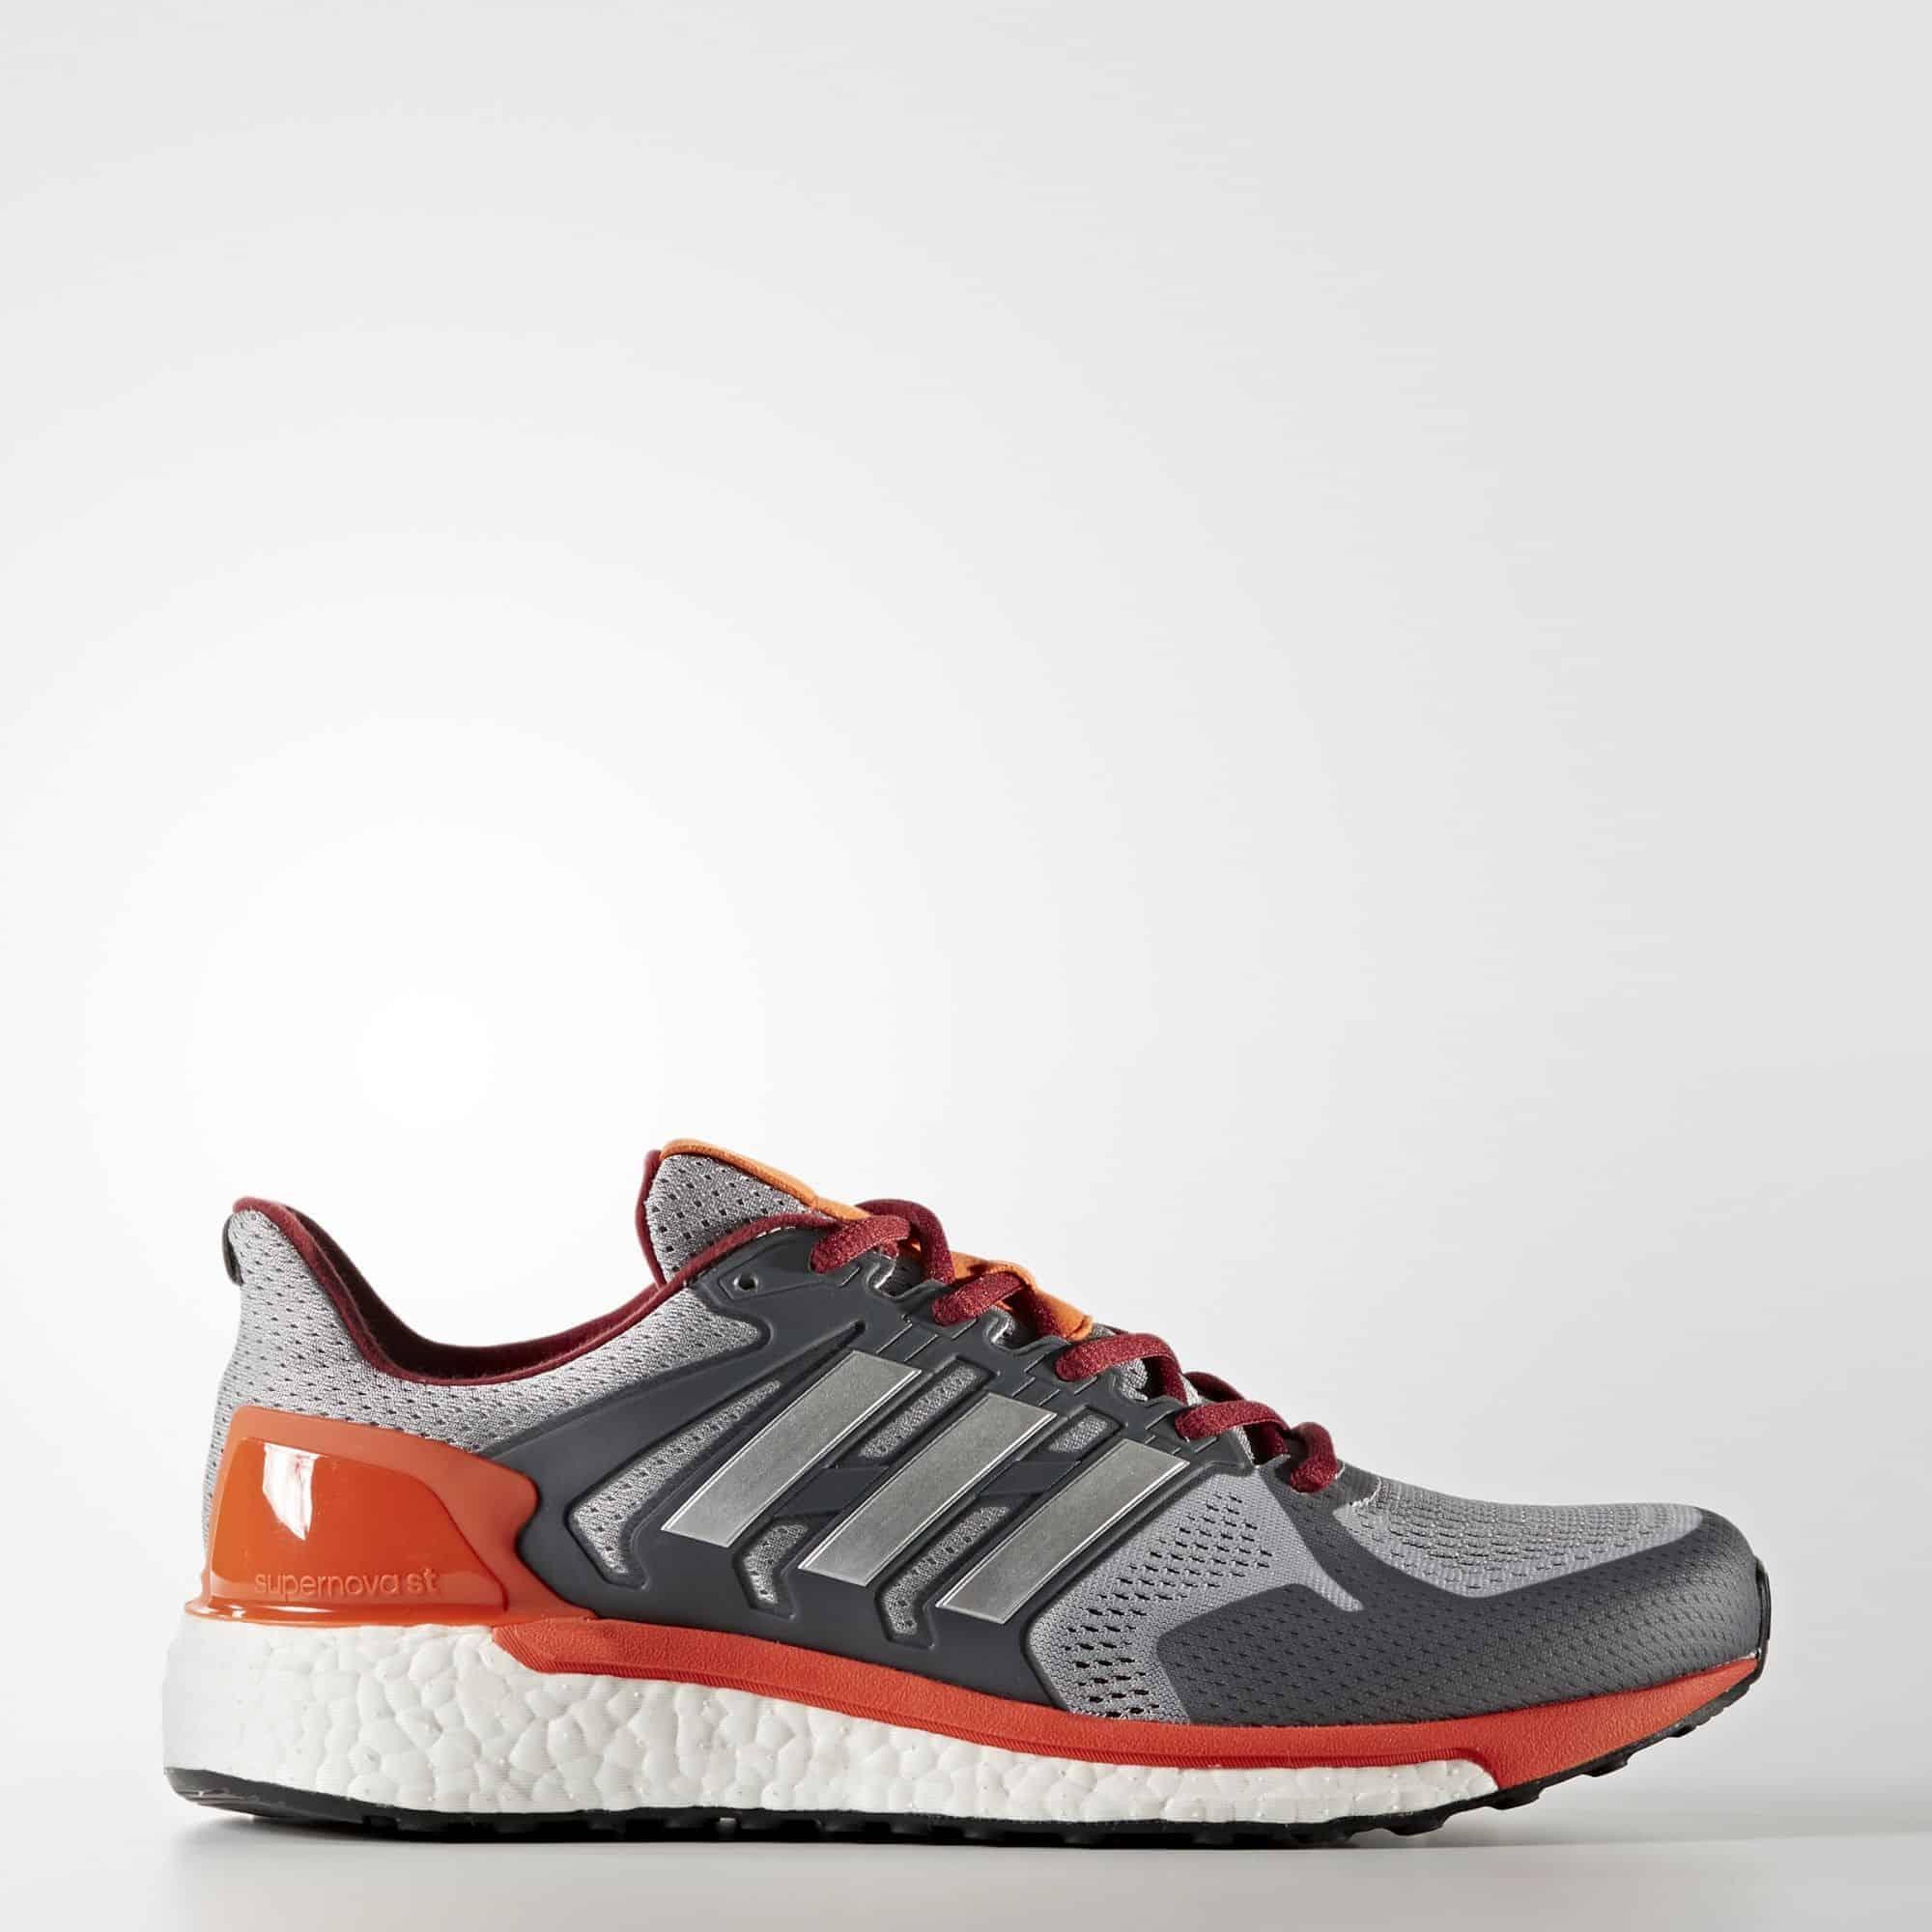 Кроссовки для бега Adidas Supernova ST мужские